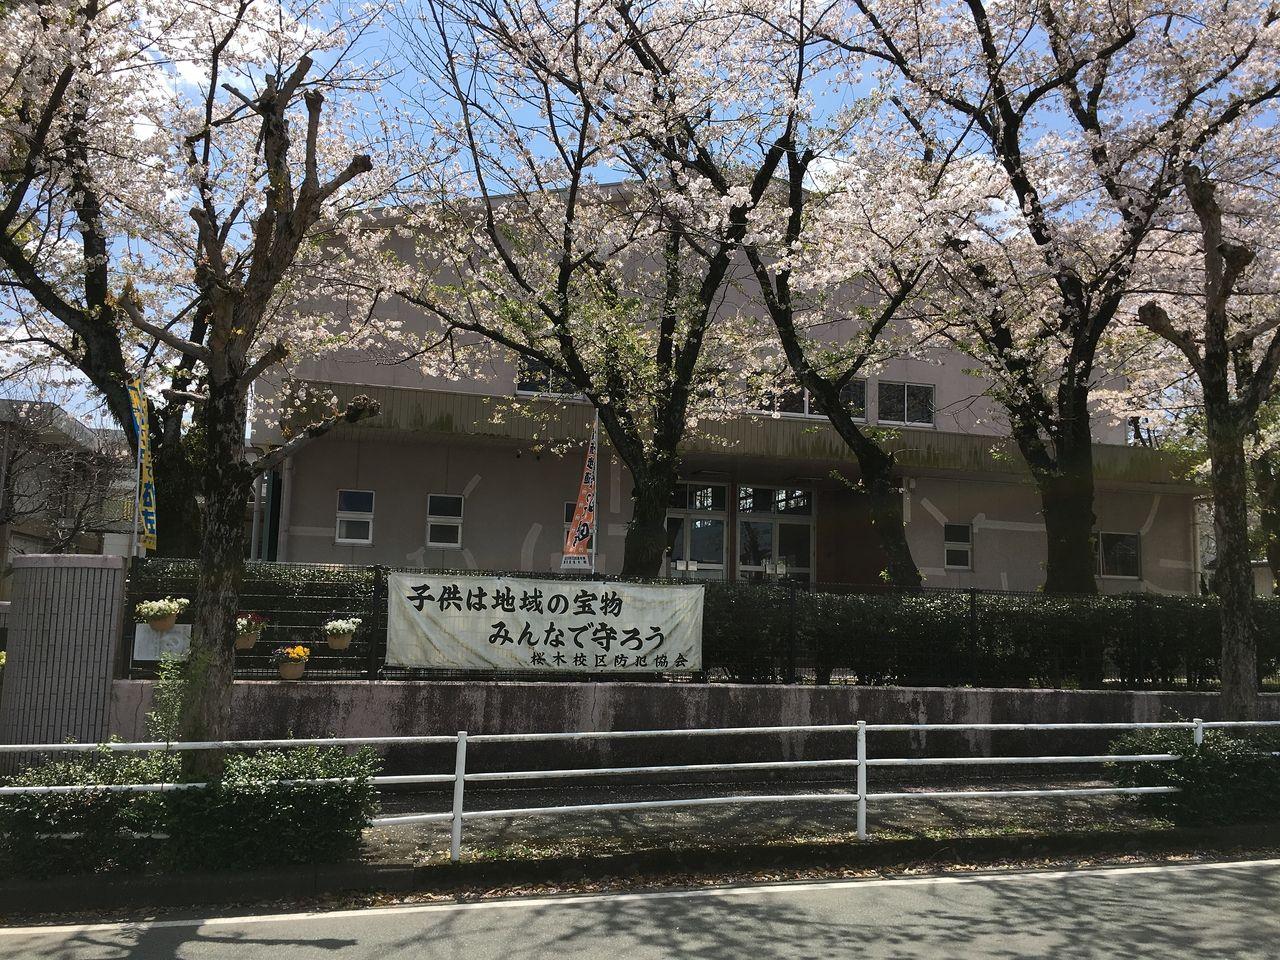 横断幕の上にも桜の咲き誇る桜木小学校